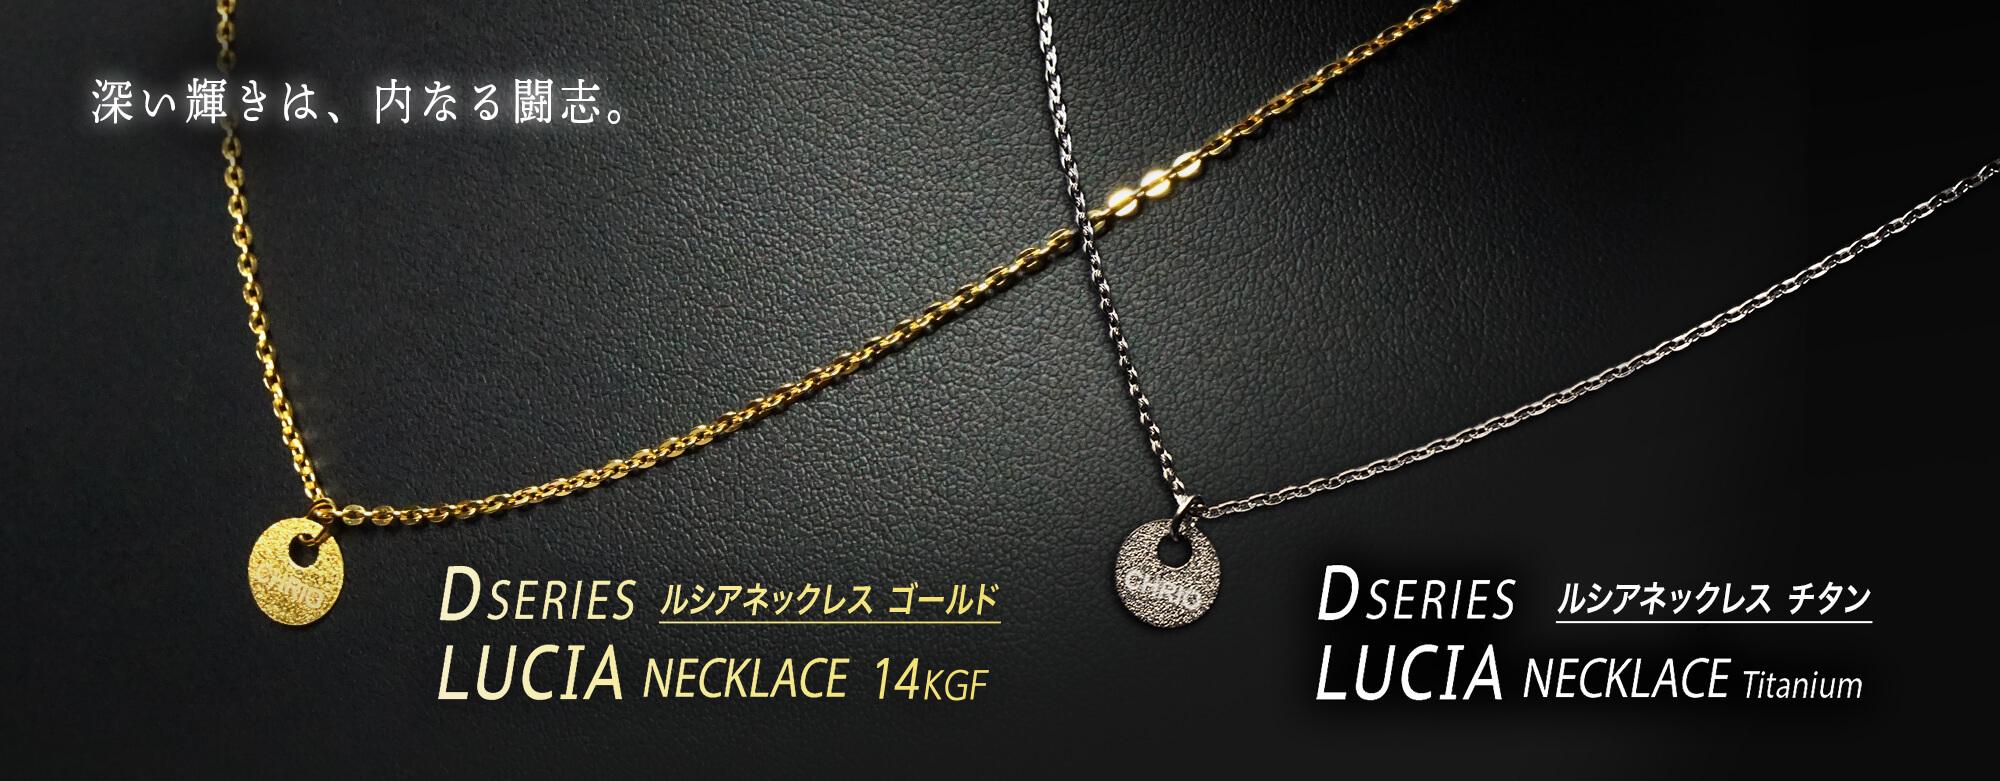 【1+1 キャンペーン】マッサージオイル ベーシック